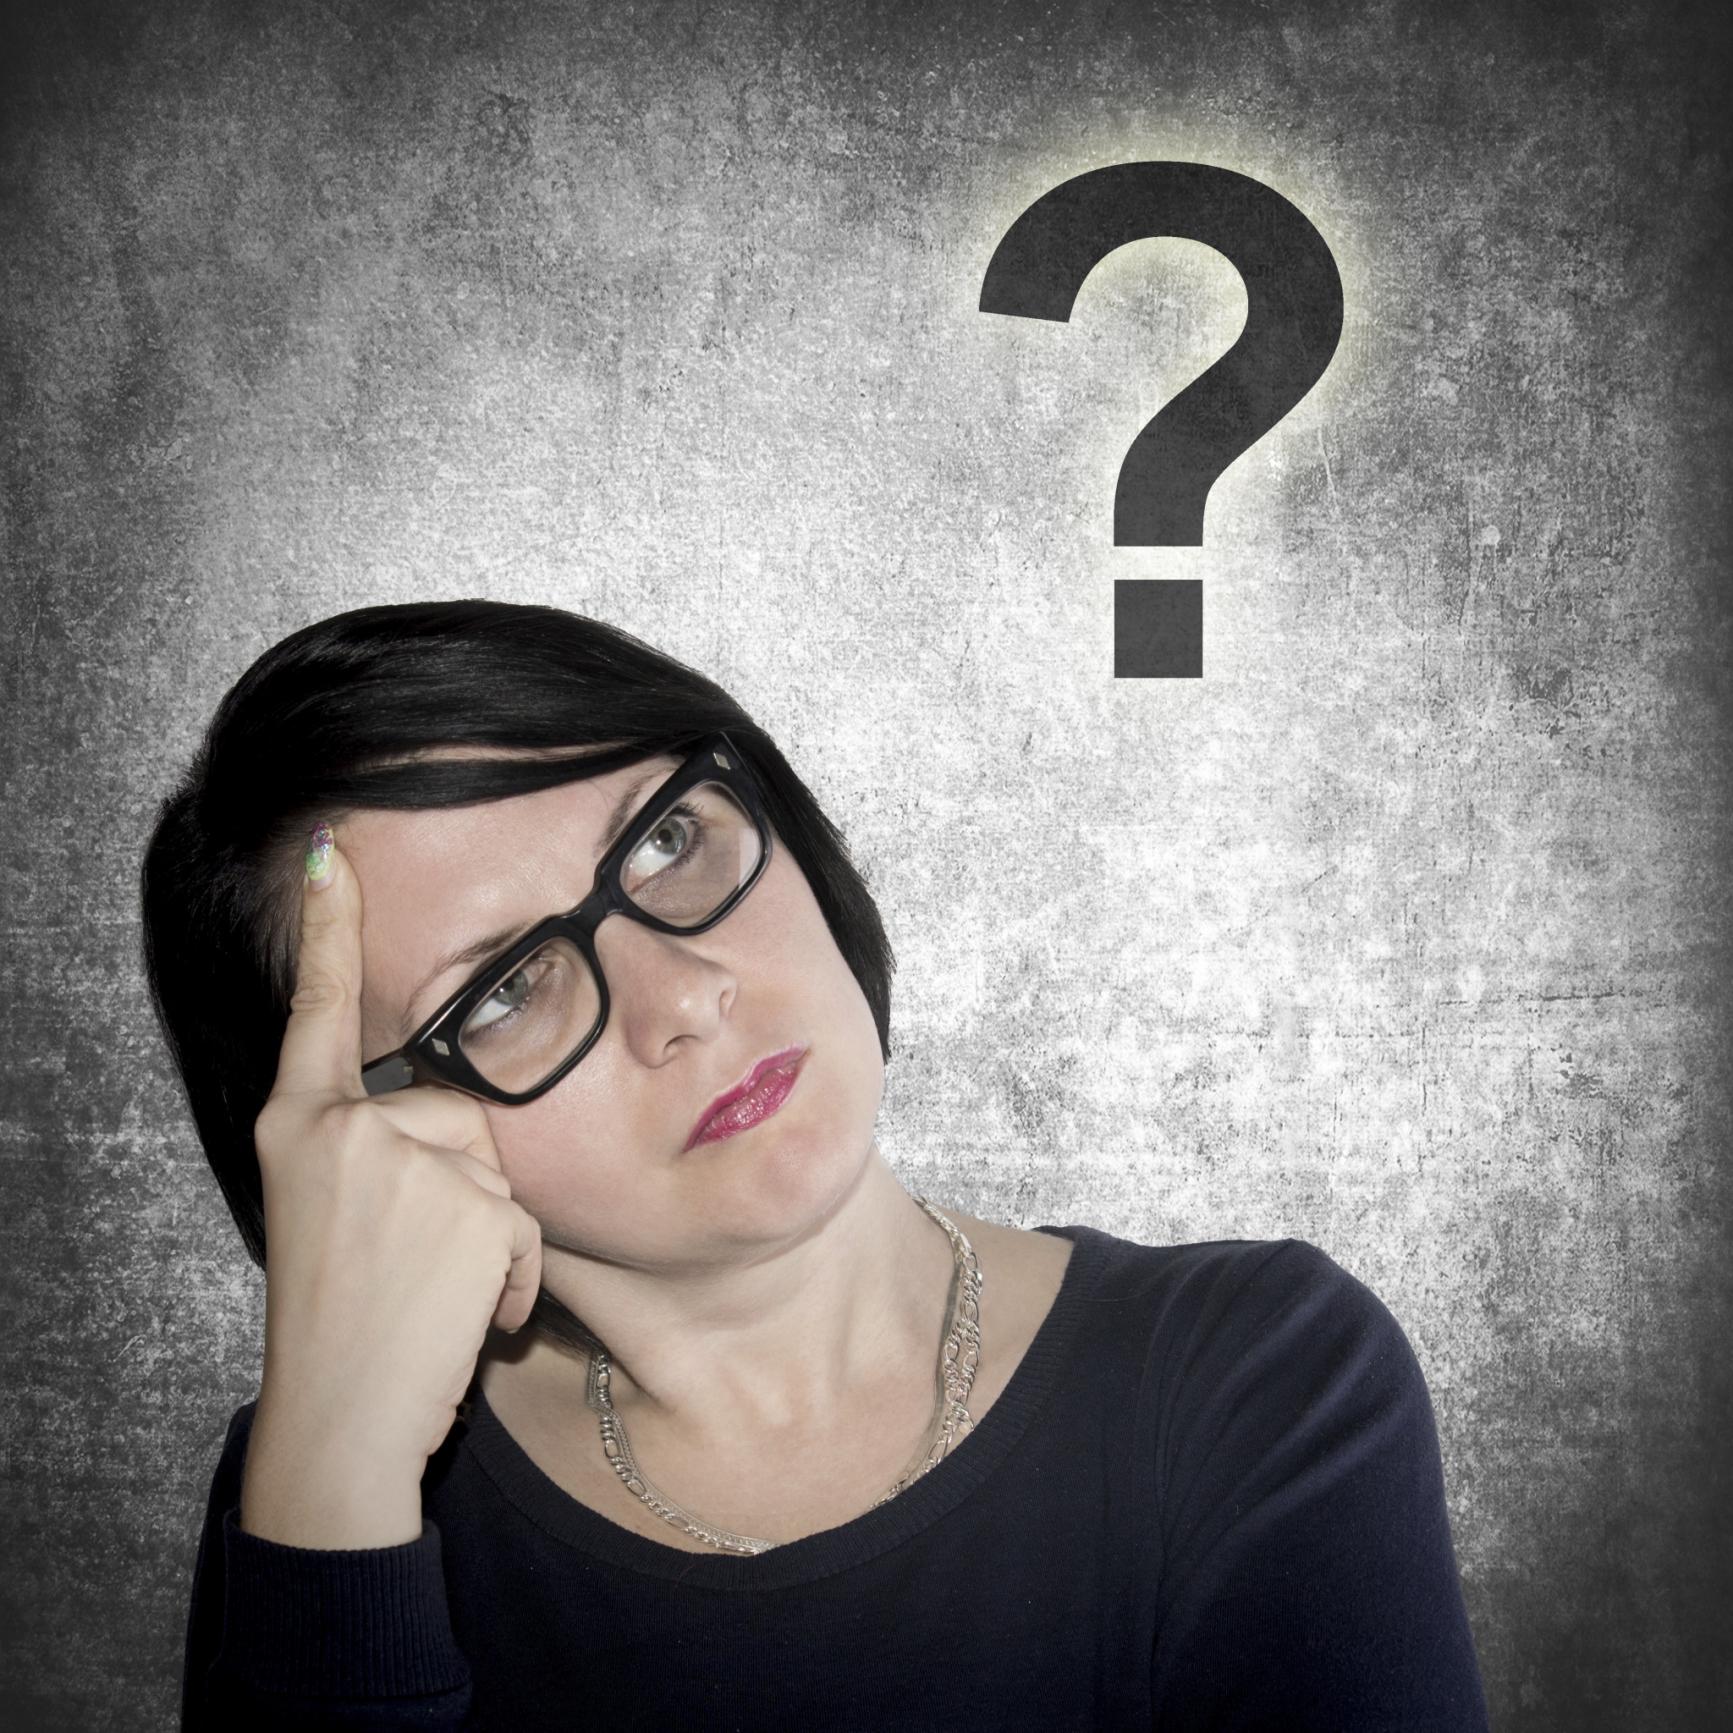 ¿Por qué parecen funcionar las terapias falsas o engañosas? 7 posibles razones